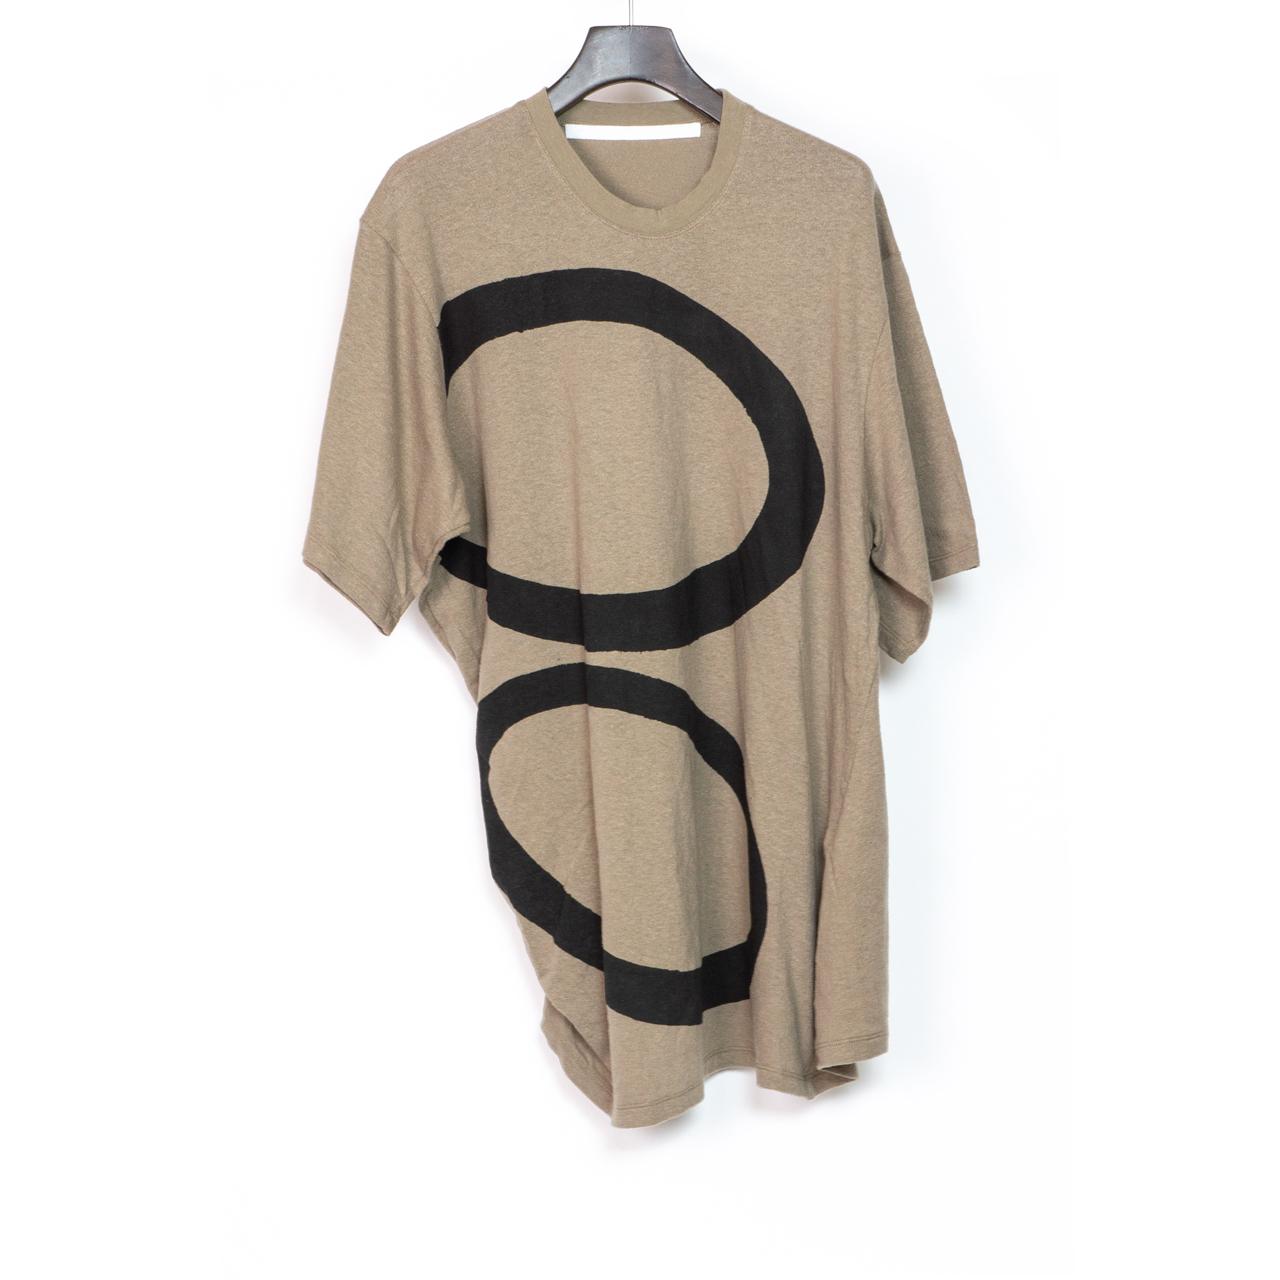 697CUM10-P-SAND / サイドドレープ Tシャツ